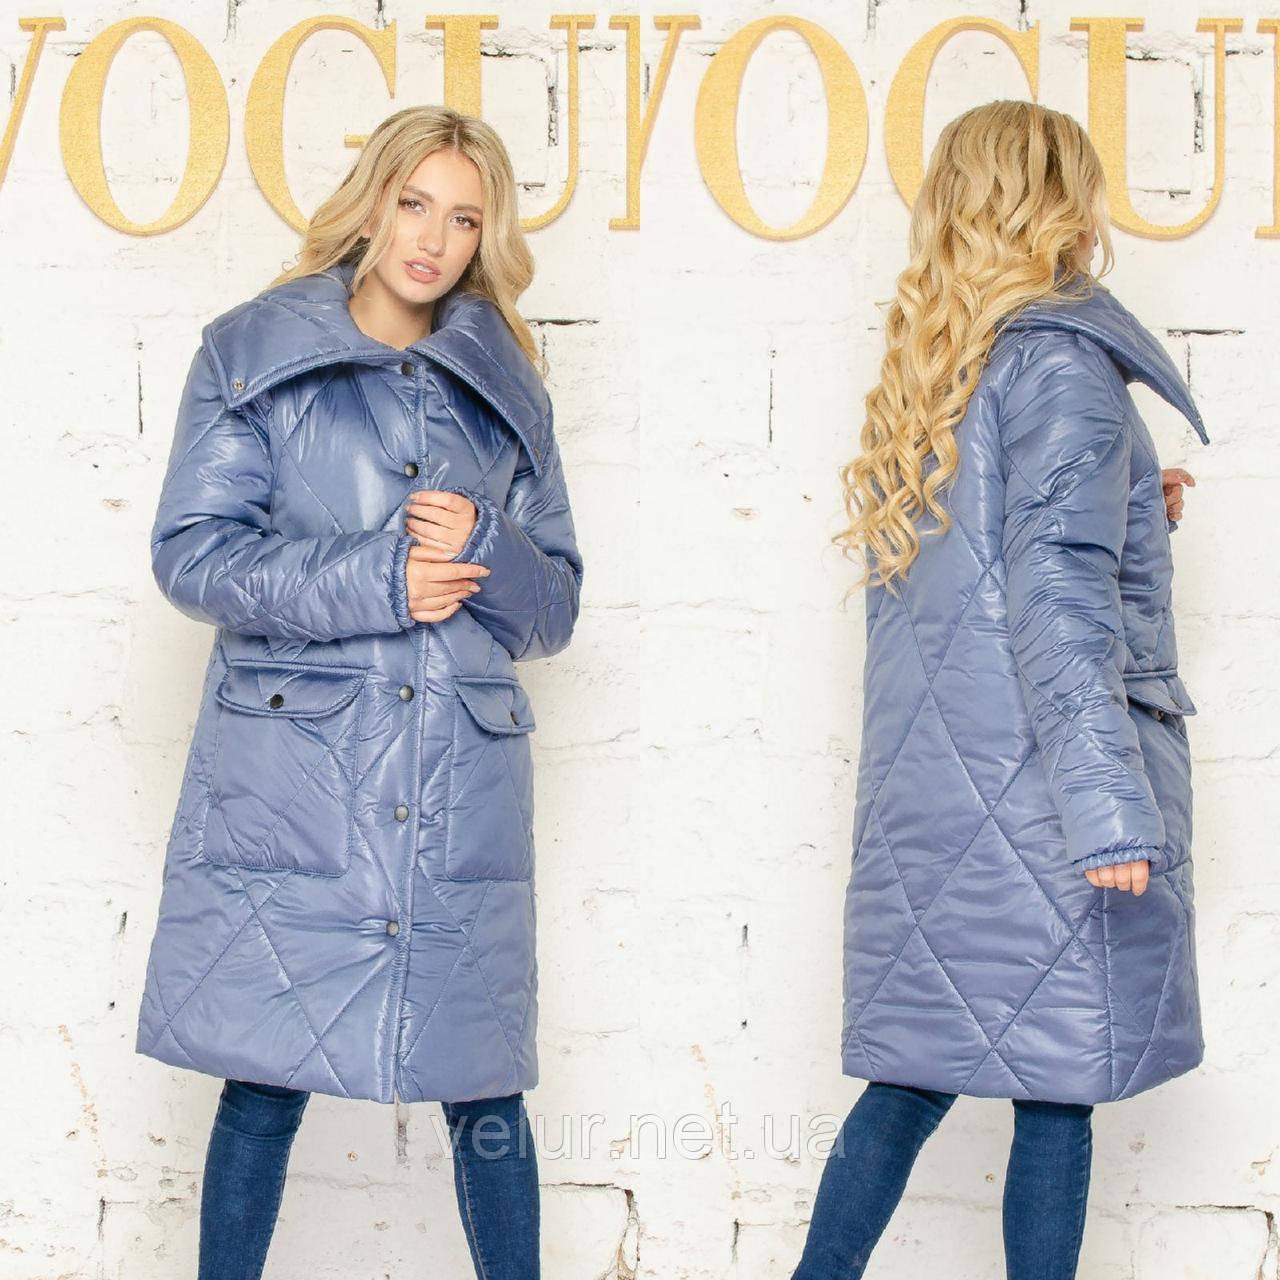 Женское зимнее пальто, про-во Украина, 2 цвета, размер: OVERSIZE 42-46, 48-52.